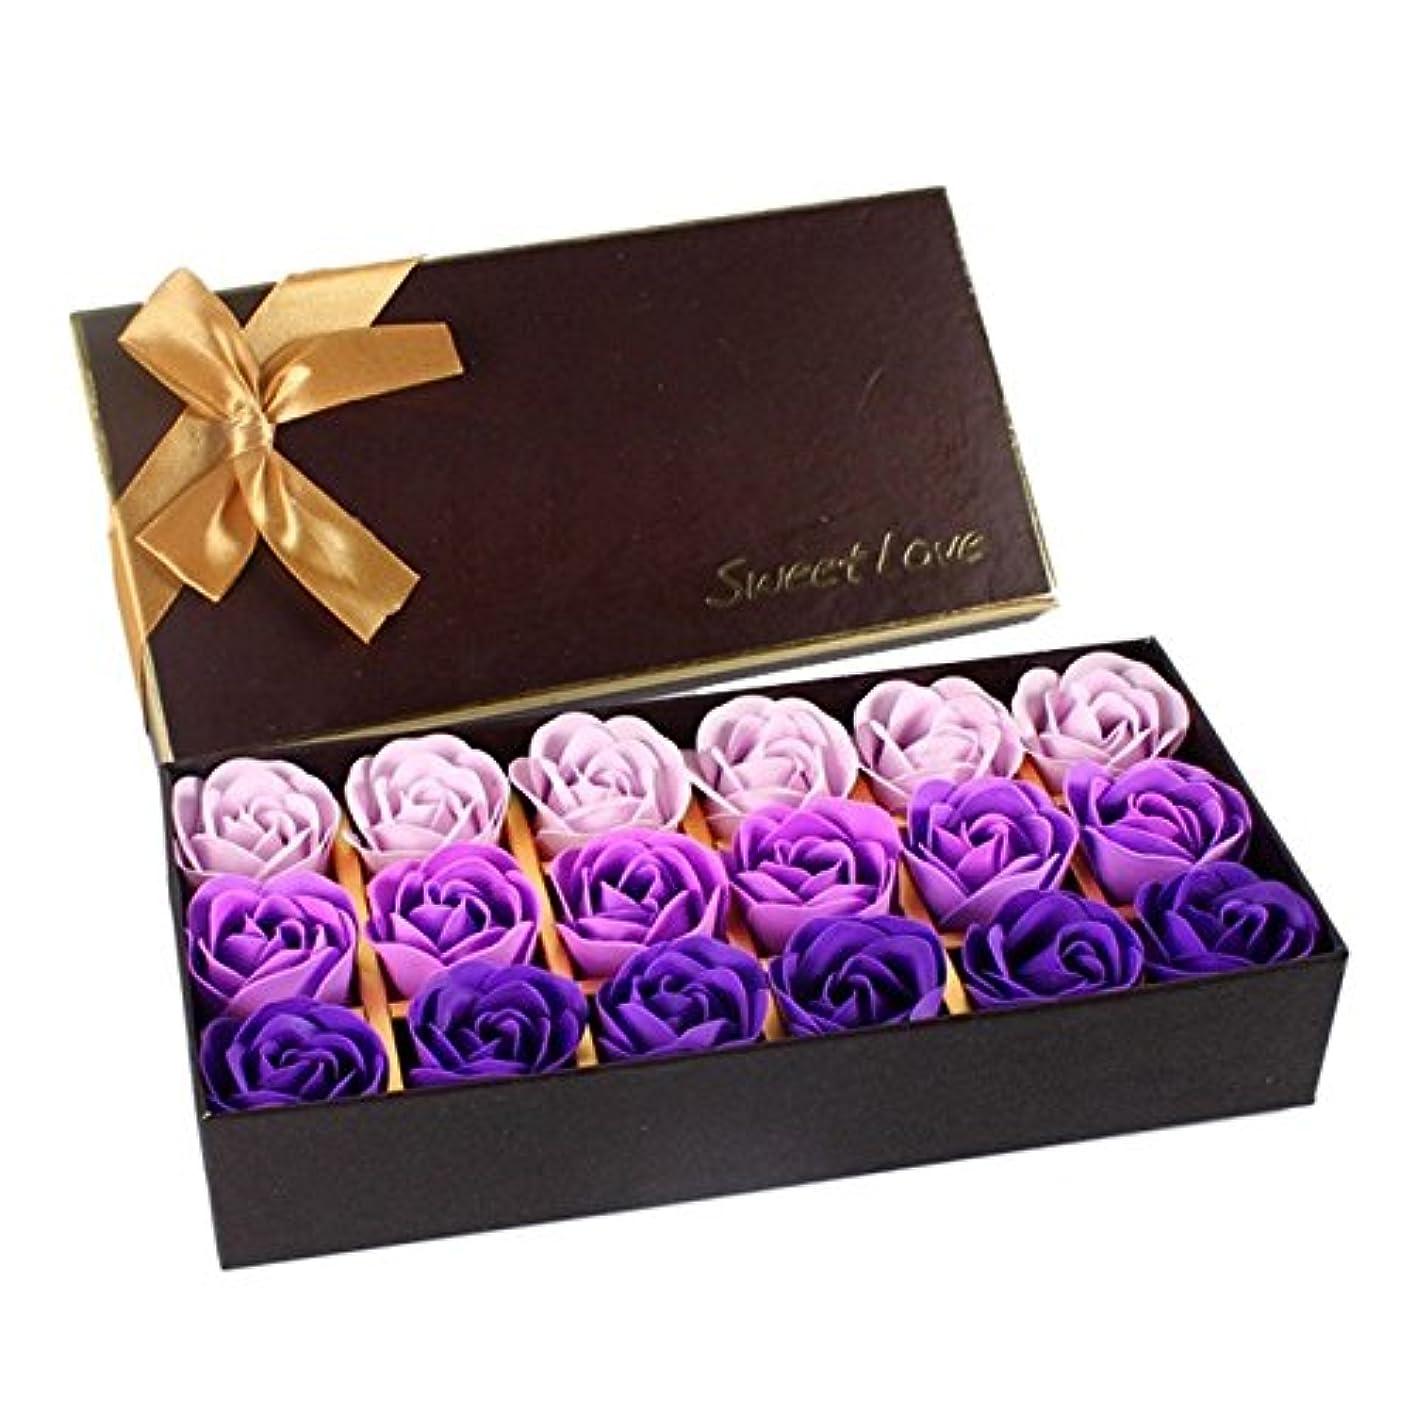 できれば理容室姪ローズ フラワーソープ 石鹸 薔薇 プレゼント お祝い ② #334